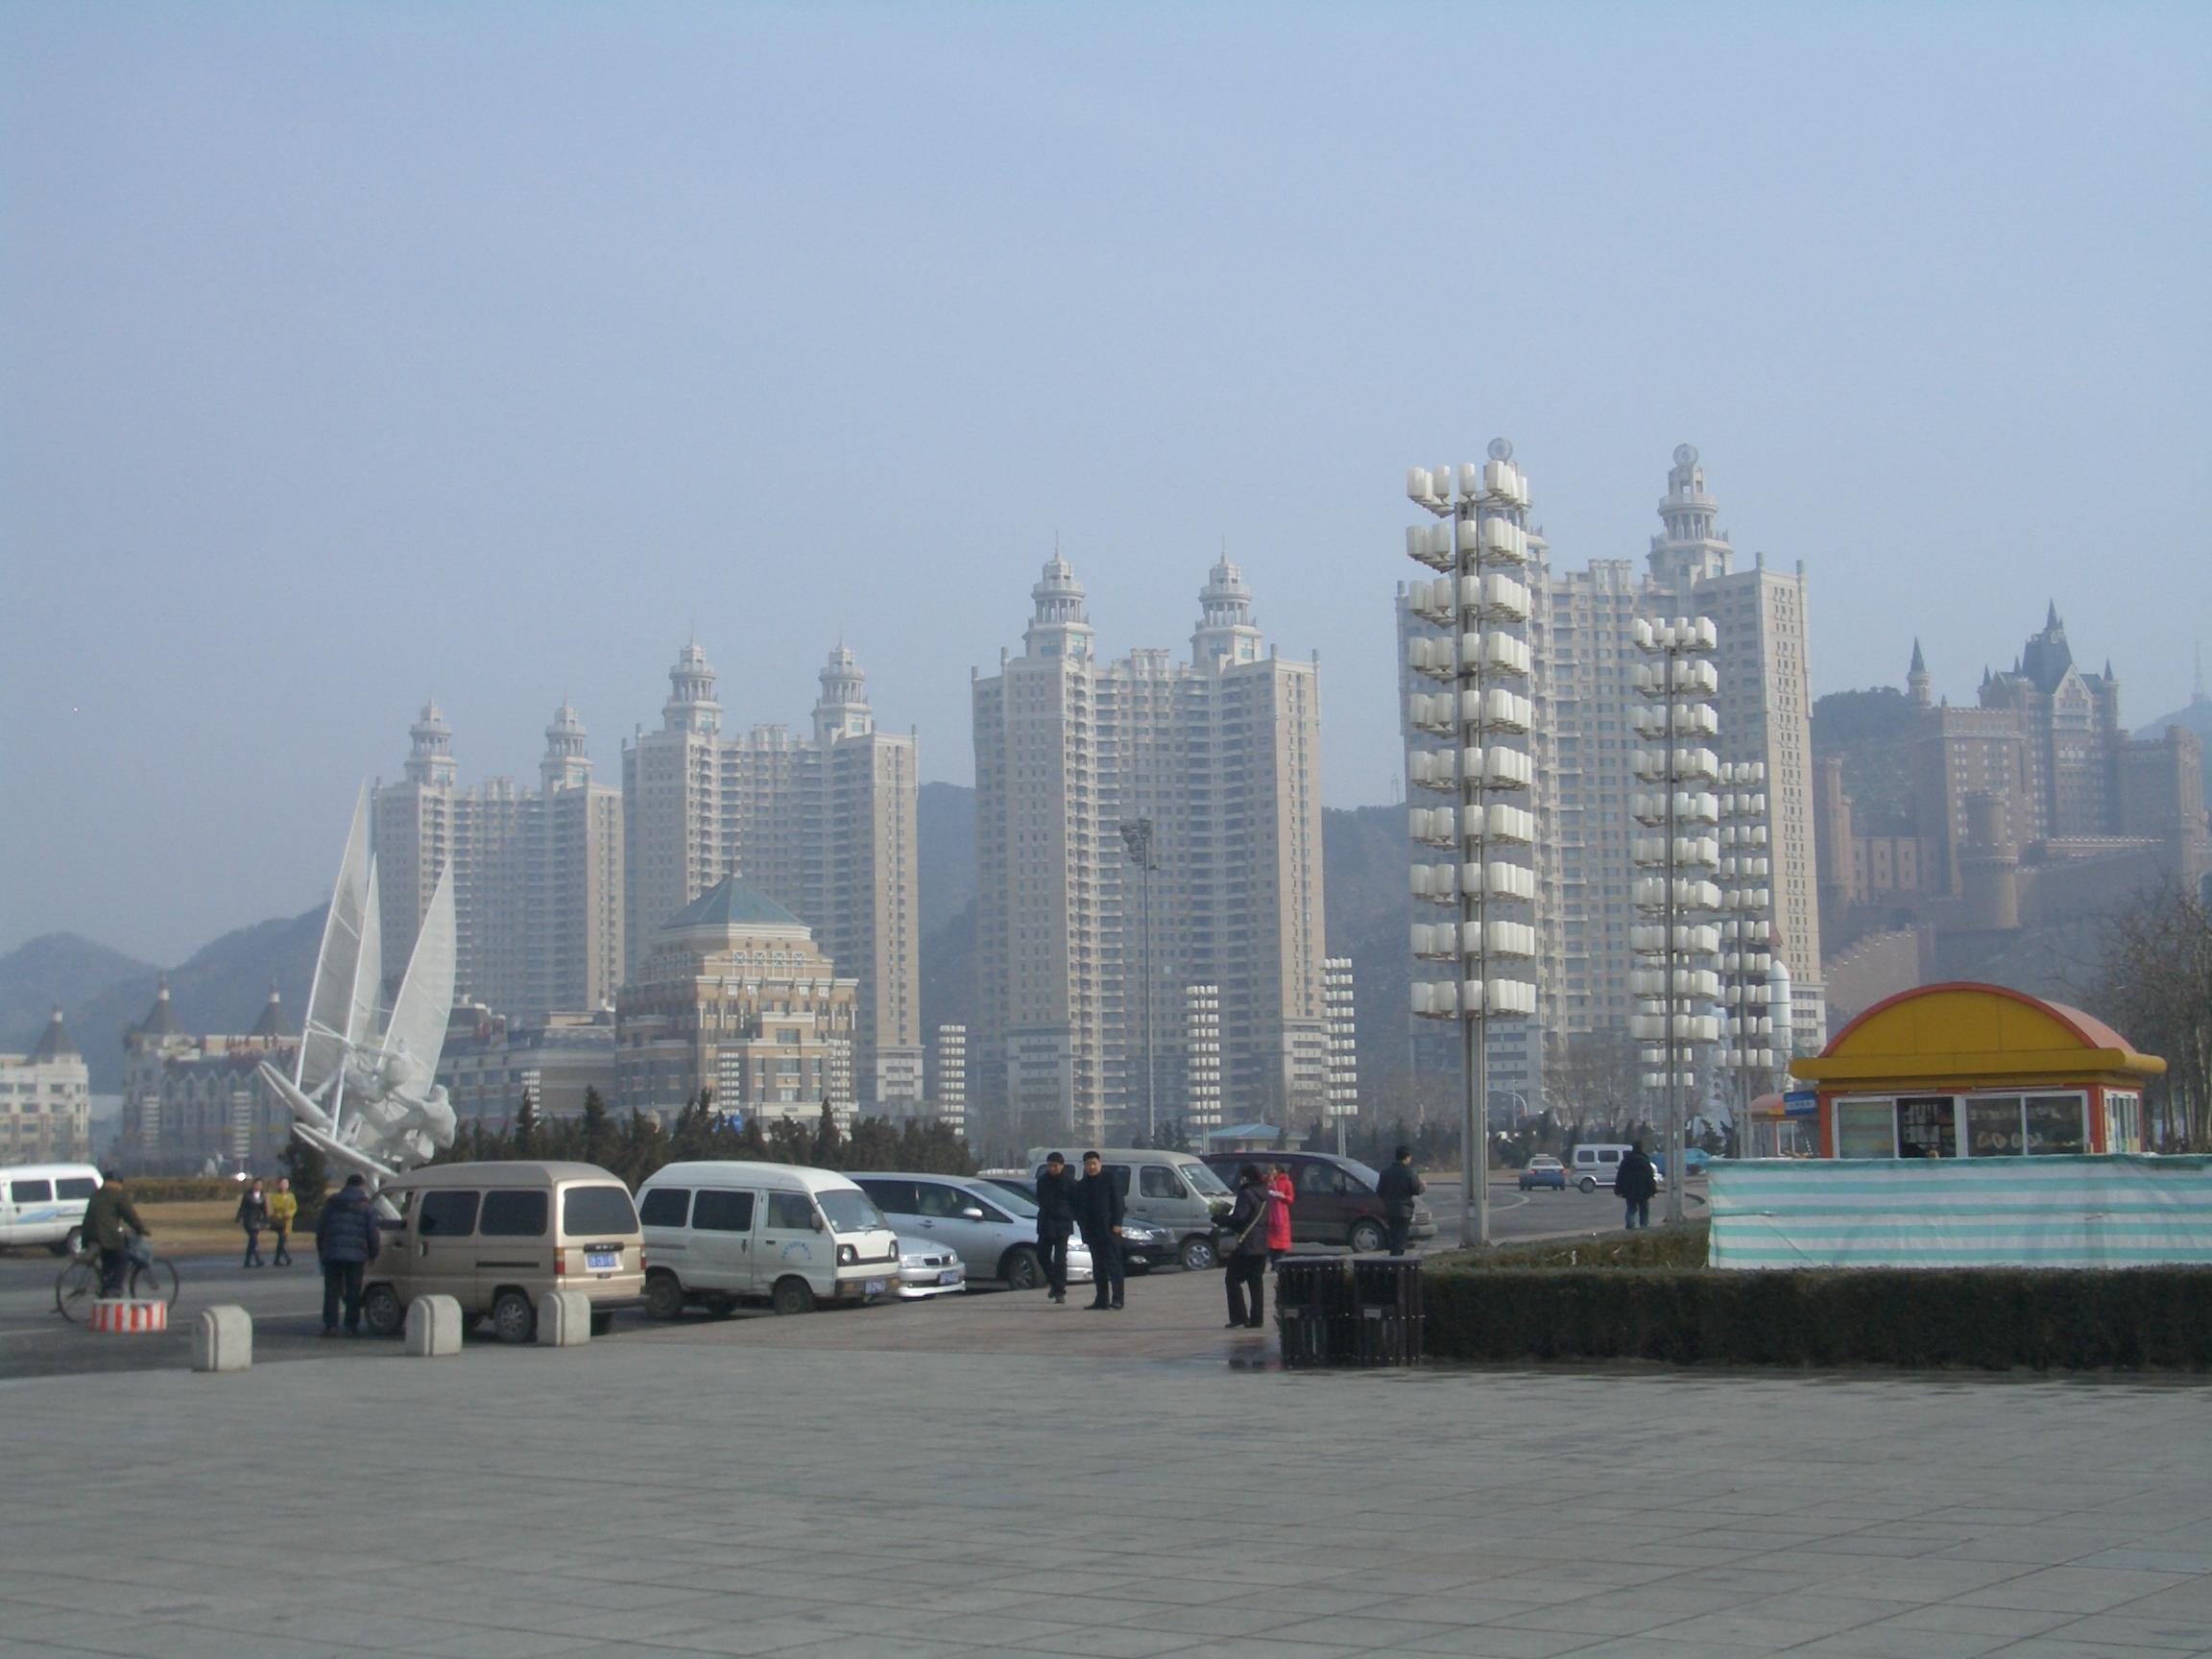 Dalian China  city photos gallery : Description Dalian China4308